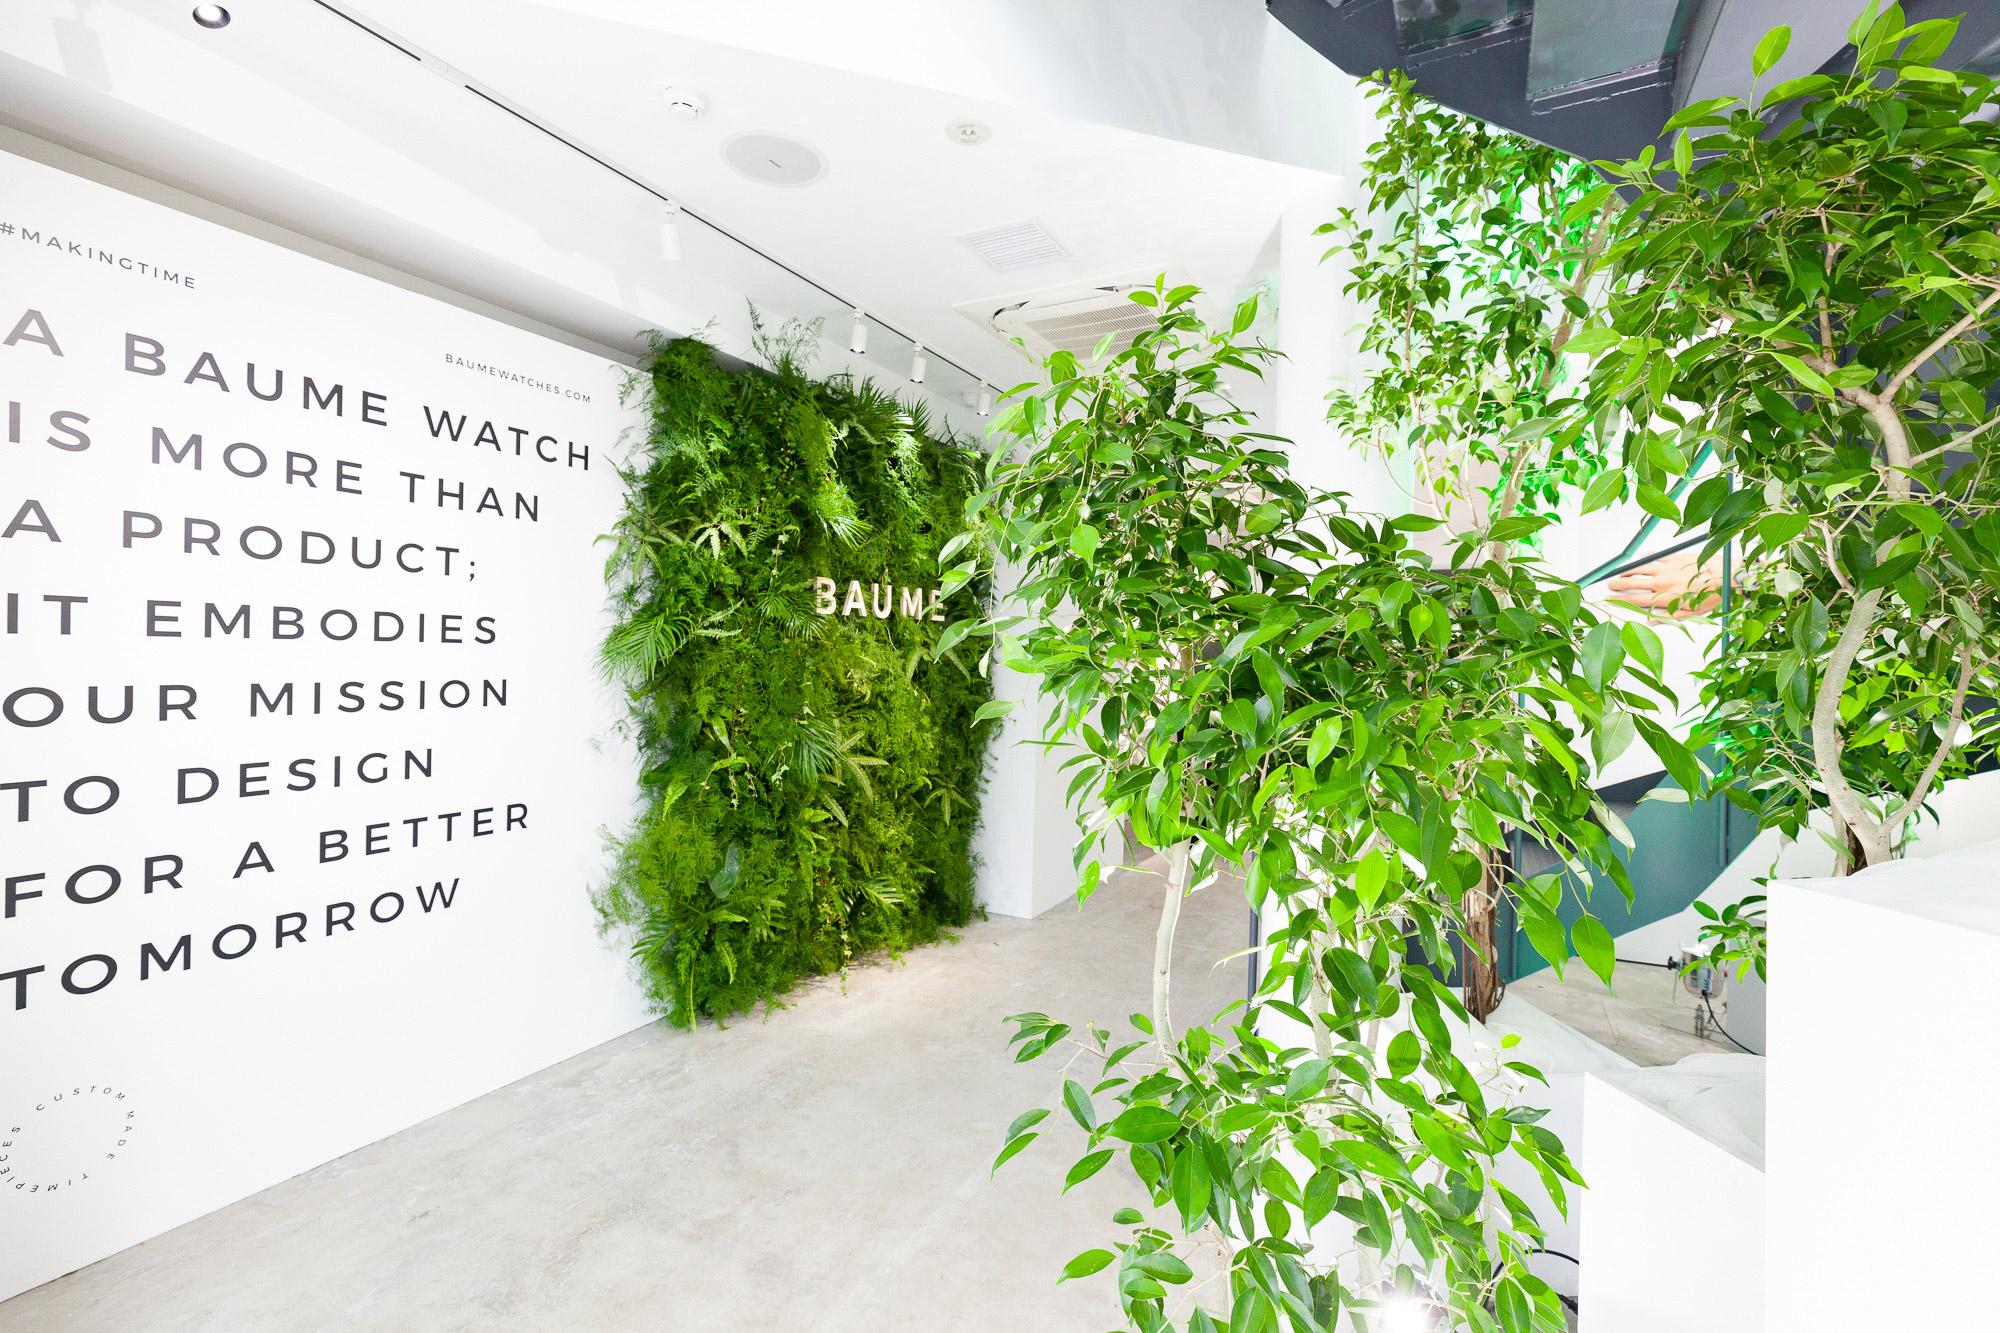 壁面緑化と観葉植物を用いた屋内緑化